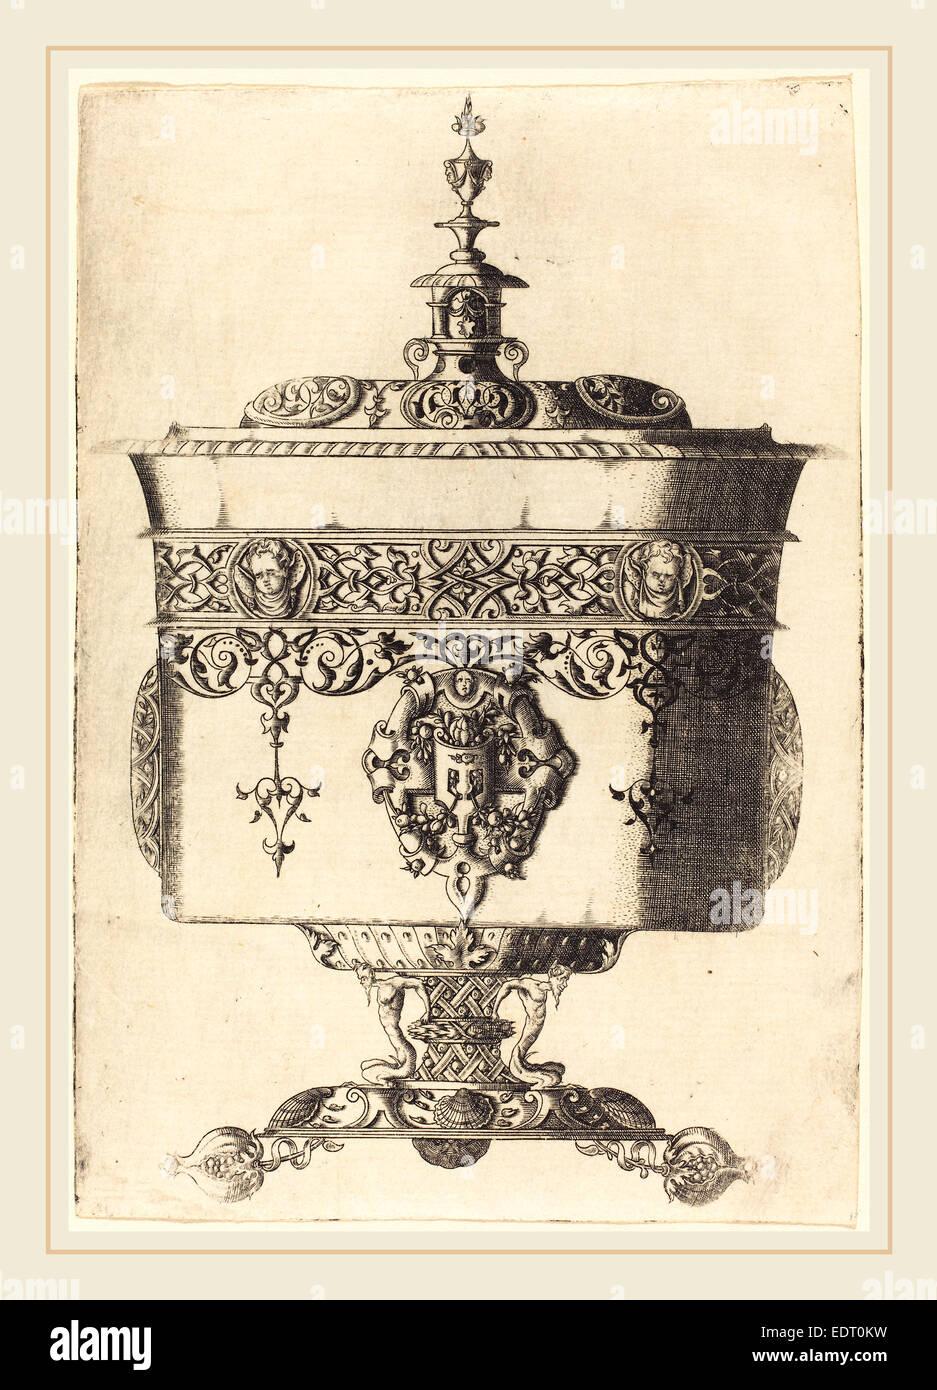 Mathis Zundt (Deutsch, wahrscheinlich 1498-1572), reich verzierte Becher, Radierung Stockbild